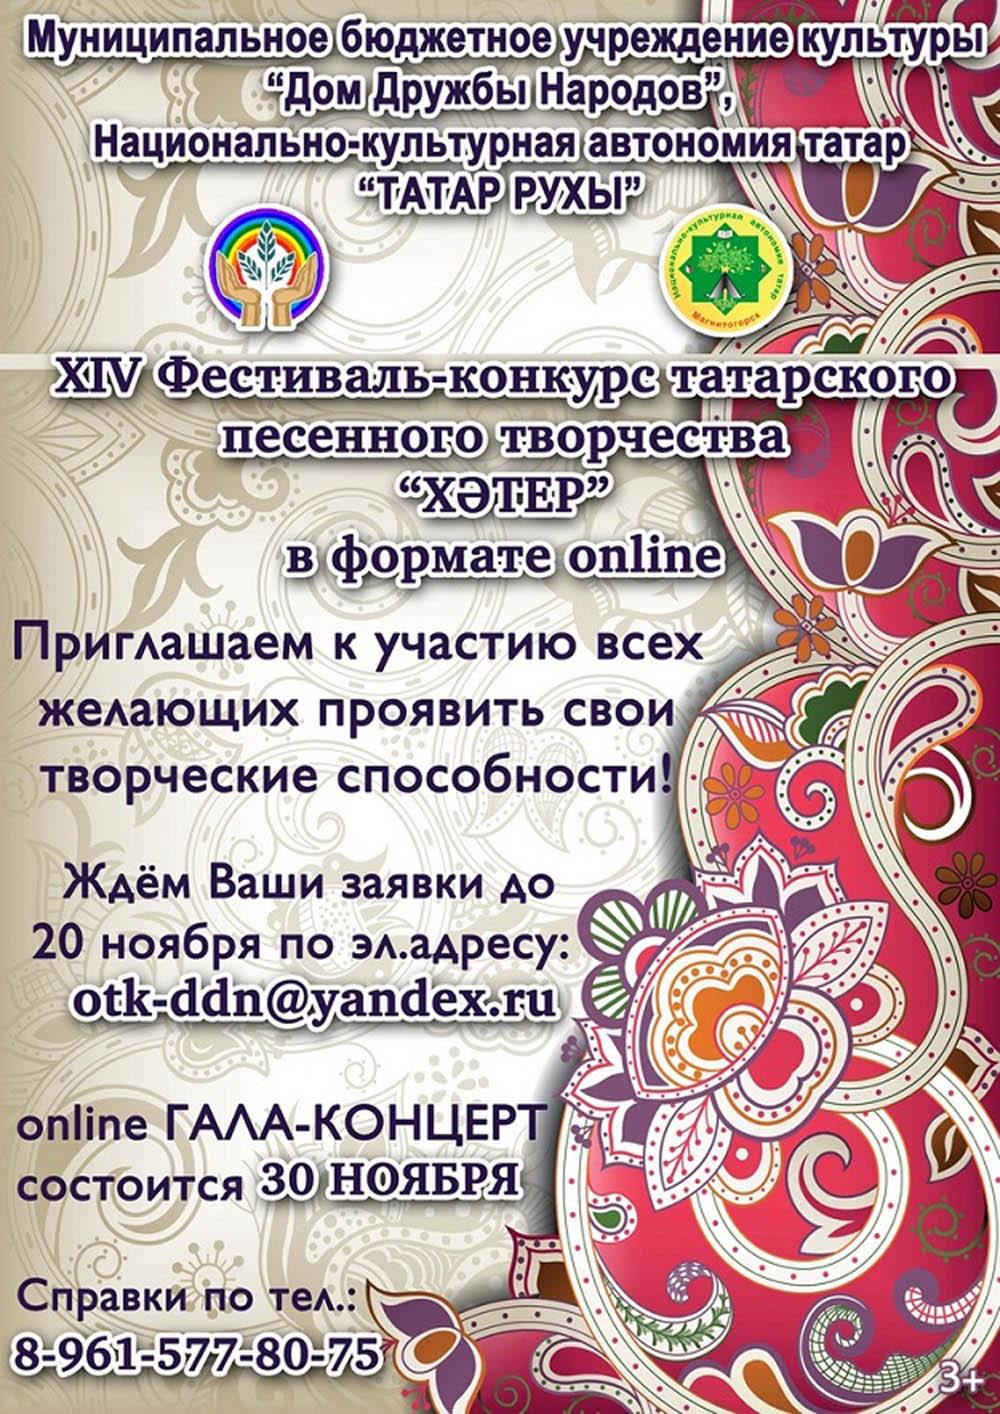 Фестиваль-конкурс татарской песни Хәтер